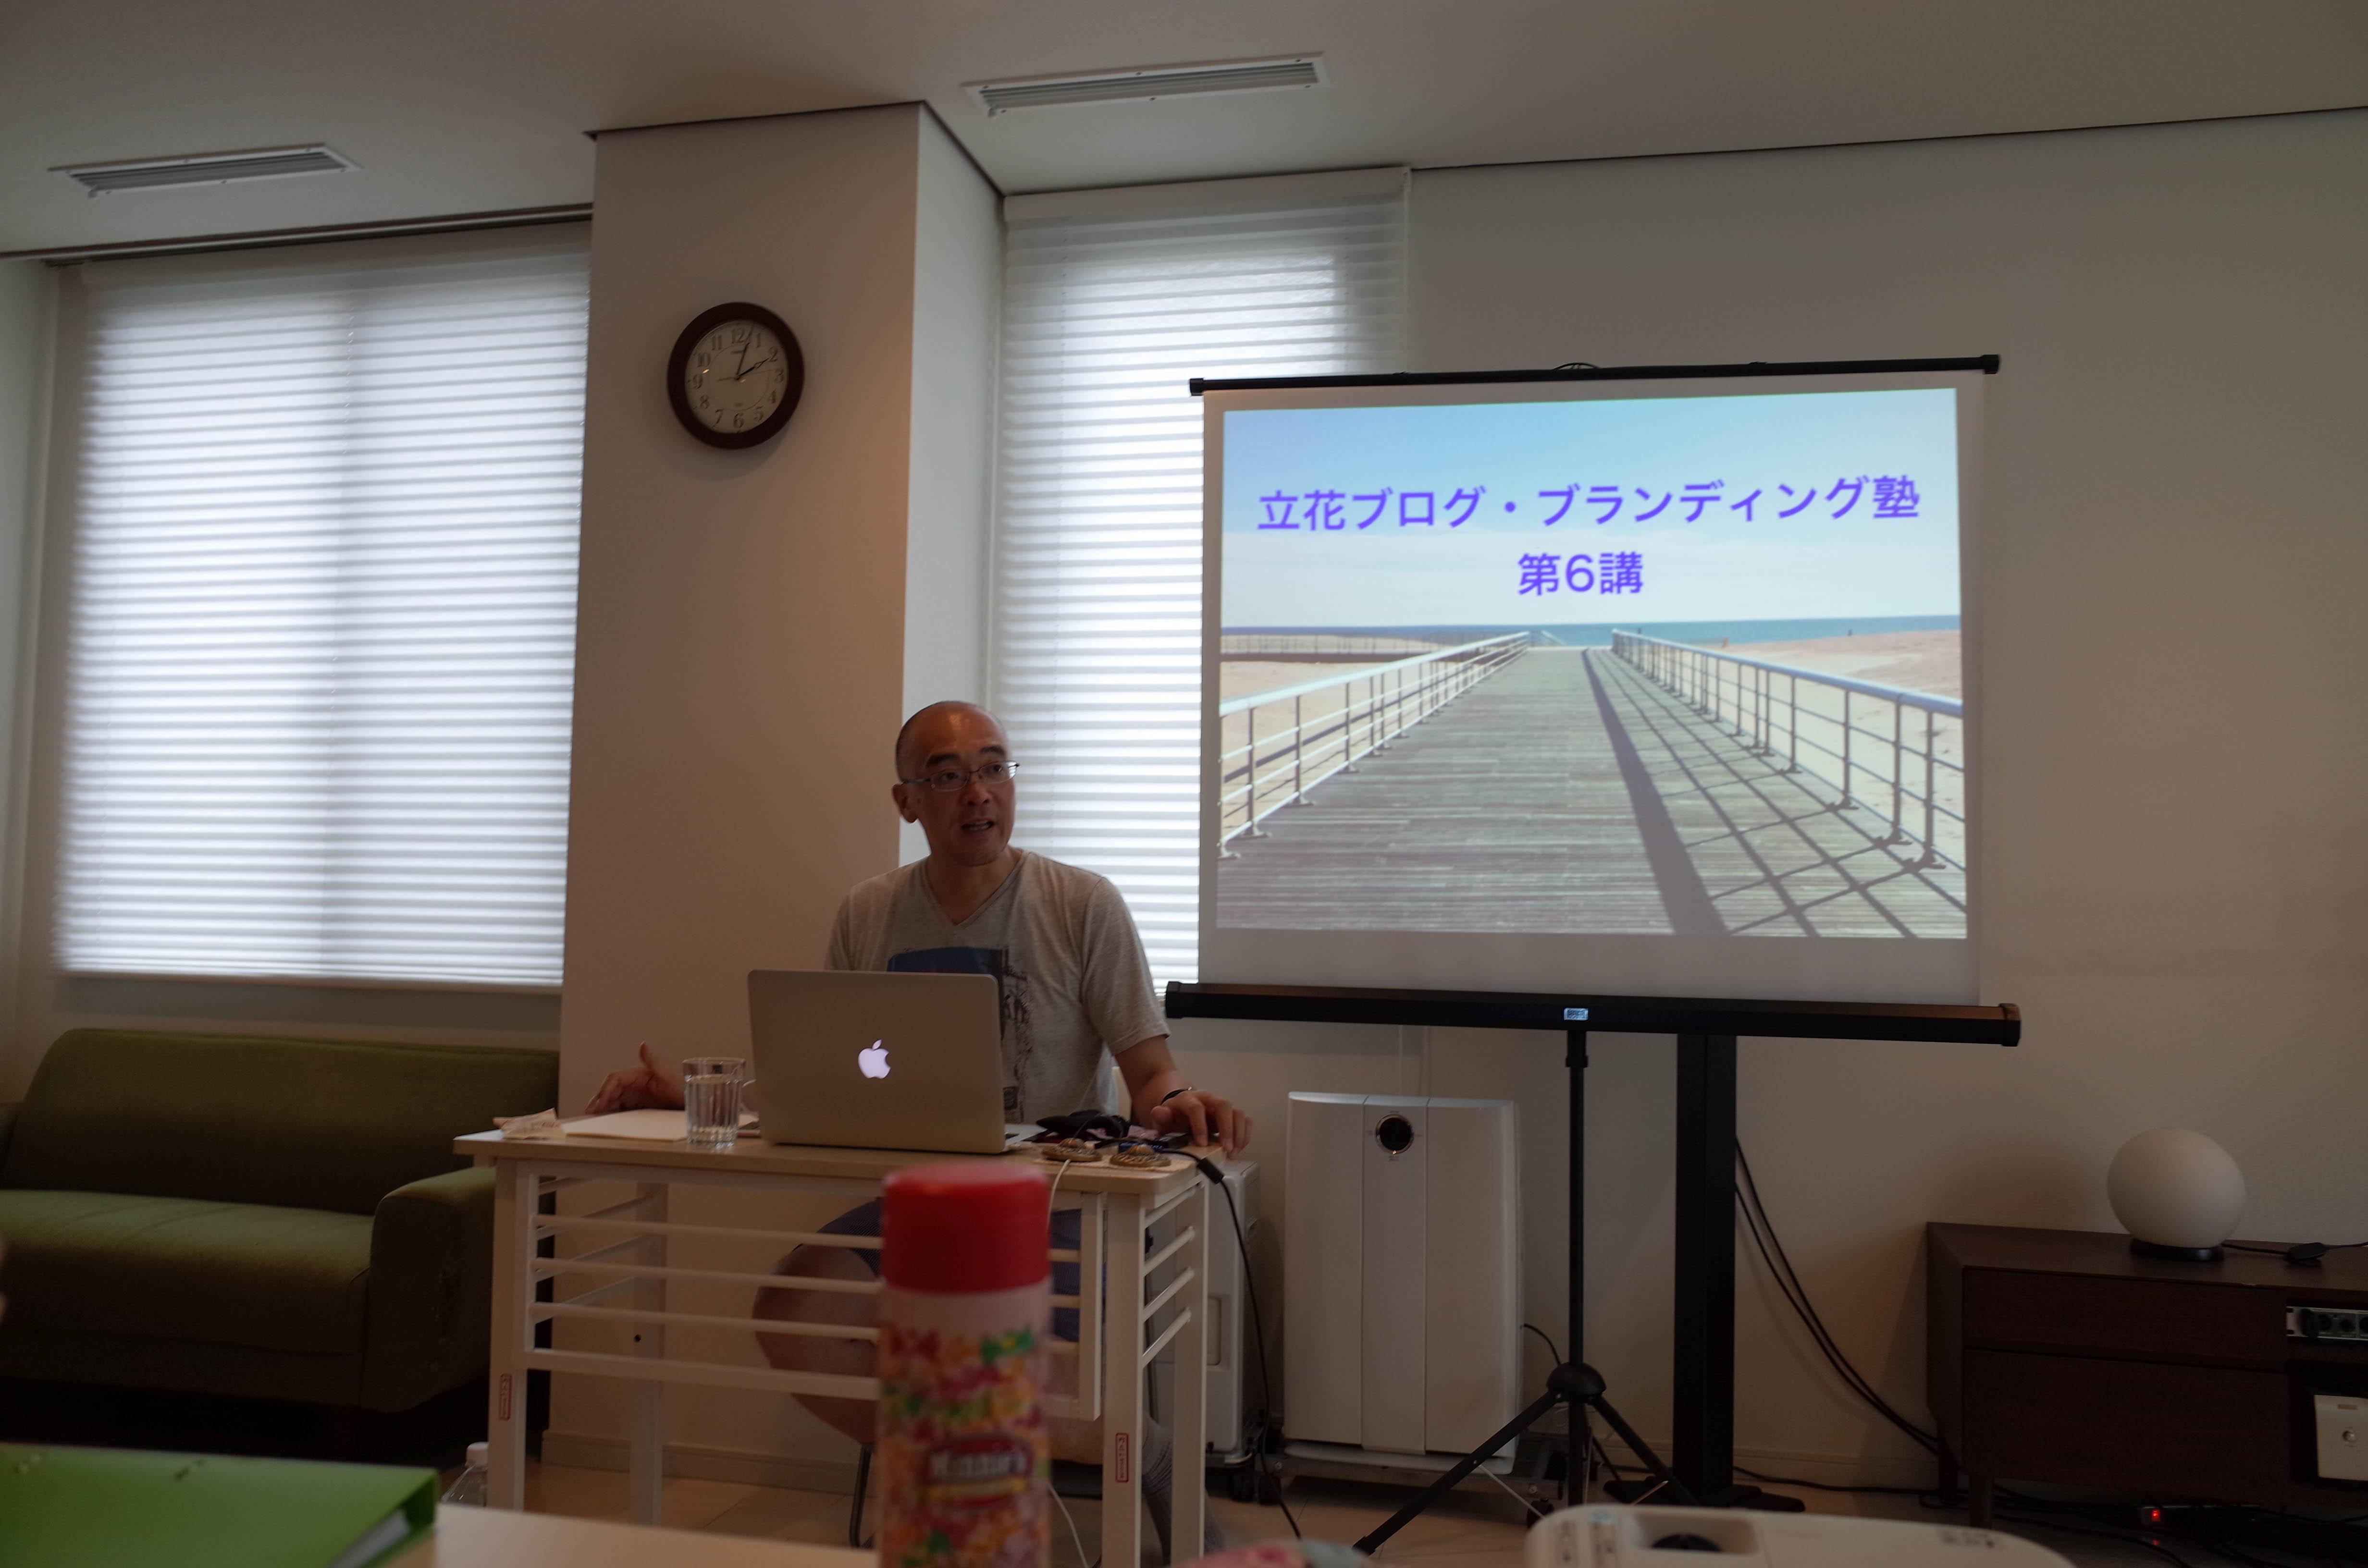 『立花ブログ・ブランディング塾〜最終回〜』。学び多きこの講座で得たものと振り返り。